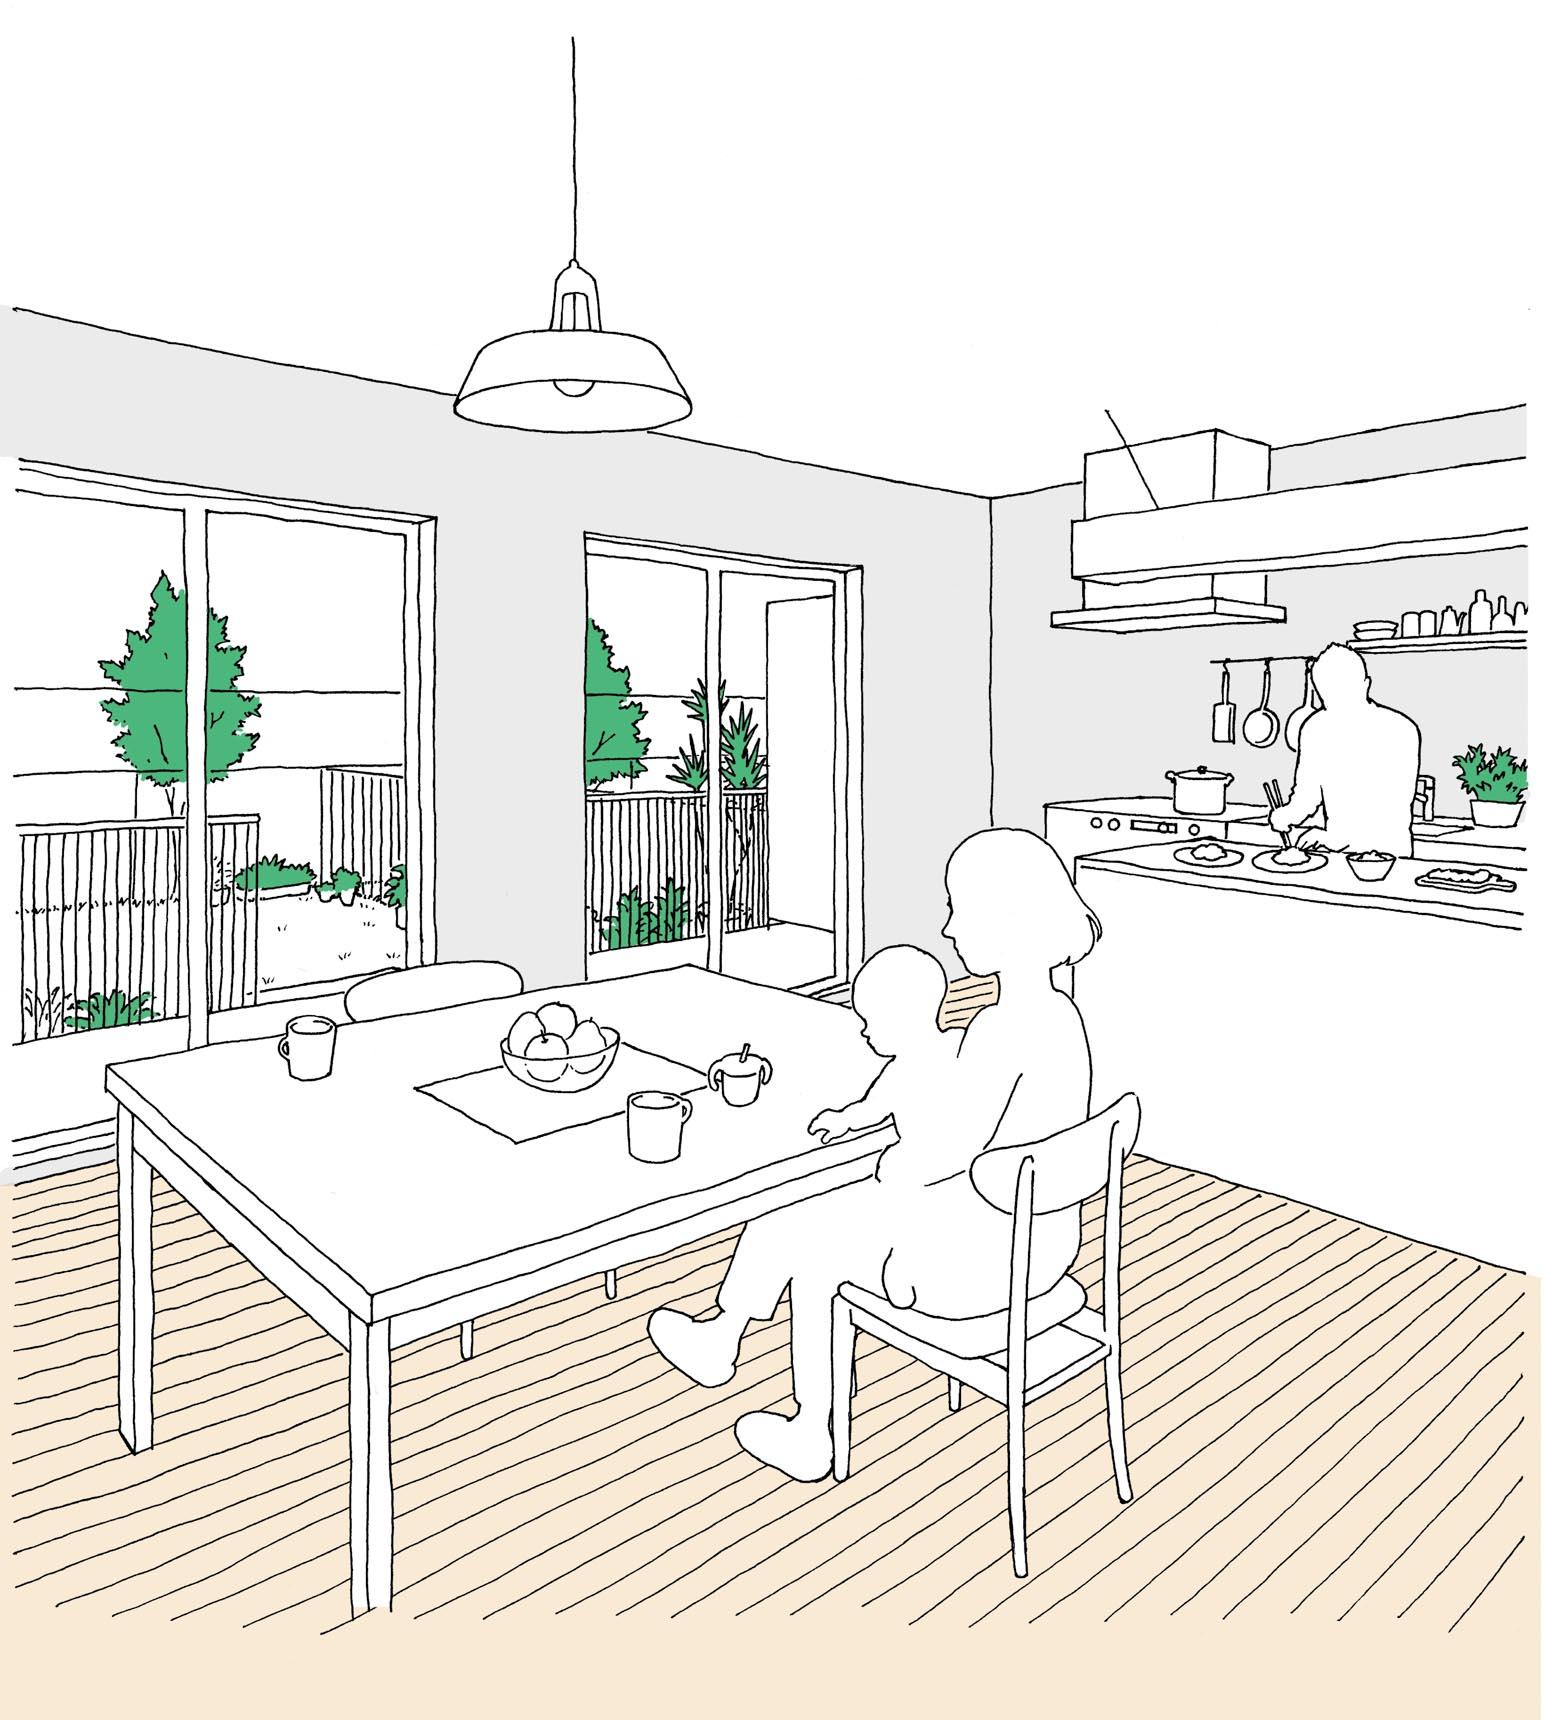 専用庭のあるファミリー向け住宅のイメージ図